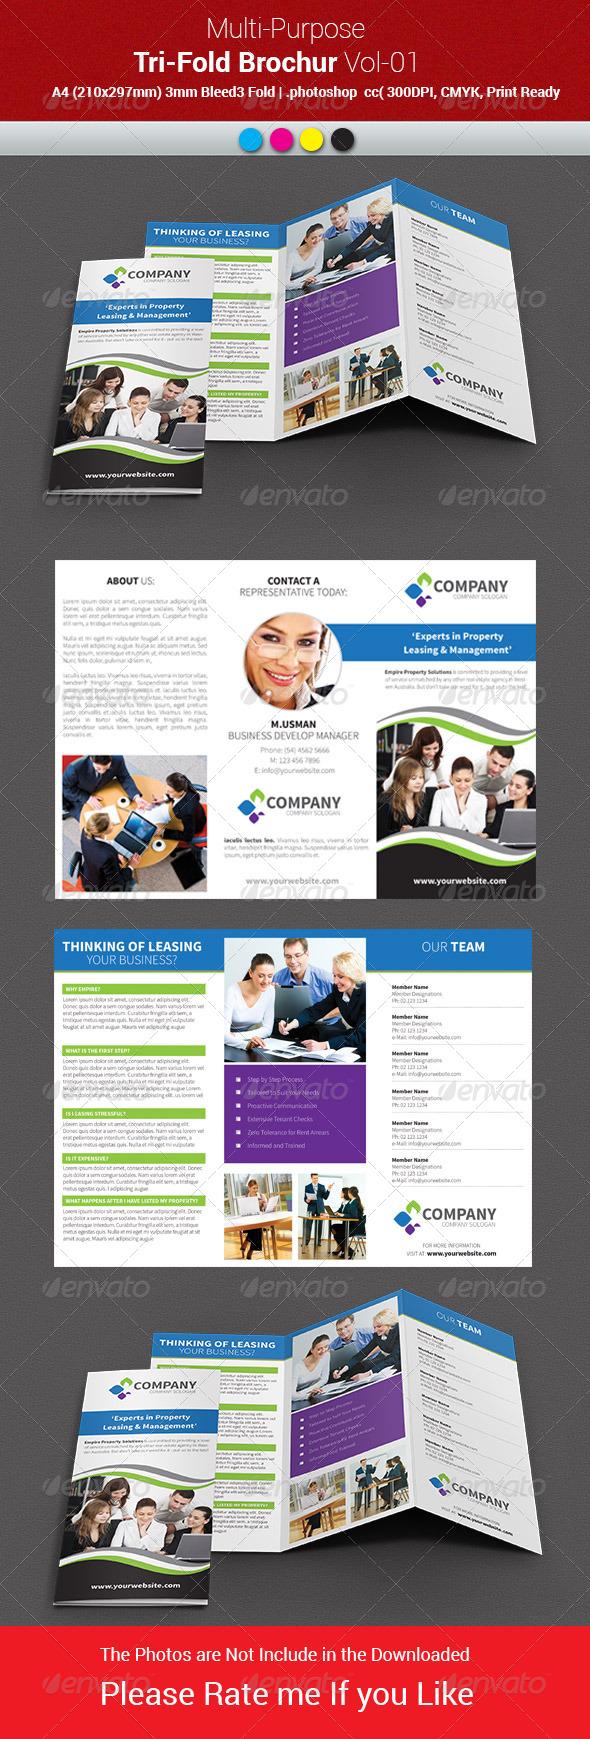 GraphicRiver Multipurpose Business Tri-Fold Brochure Vol-01 7956751